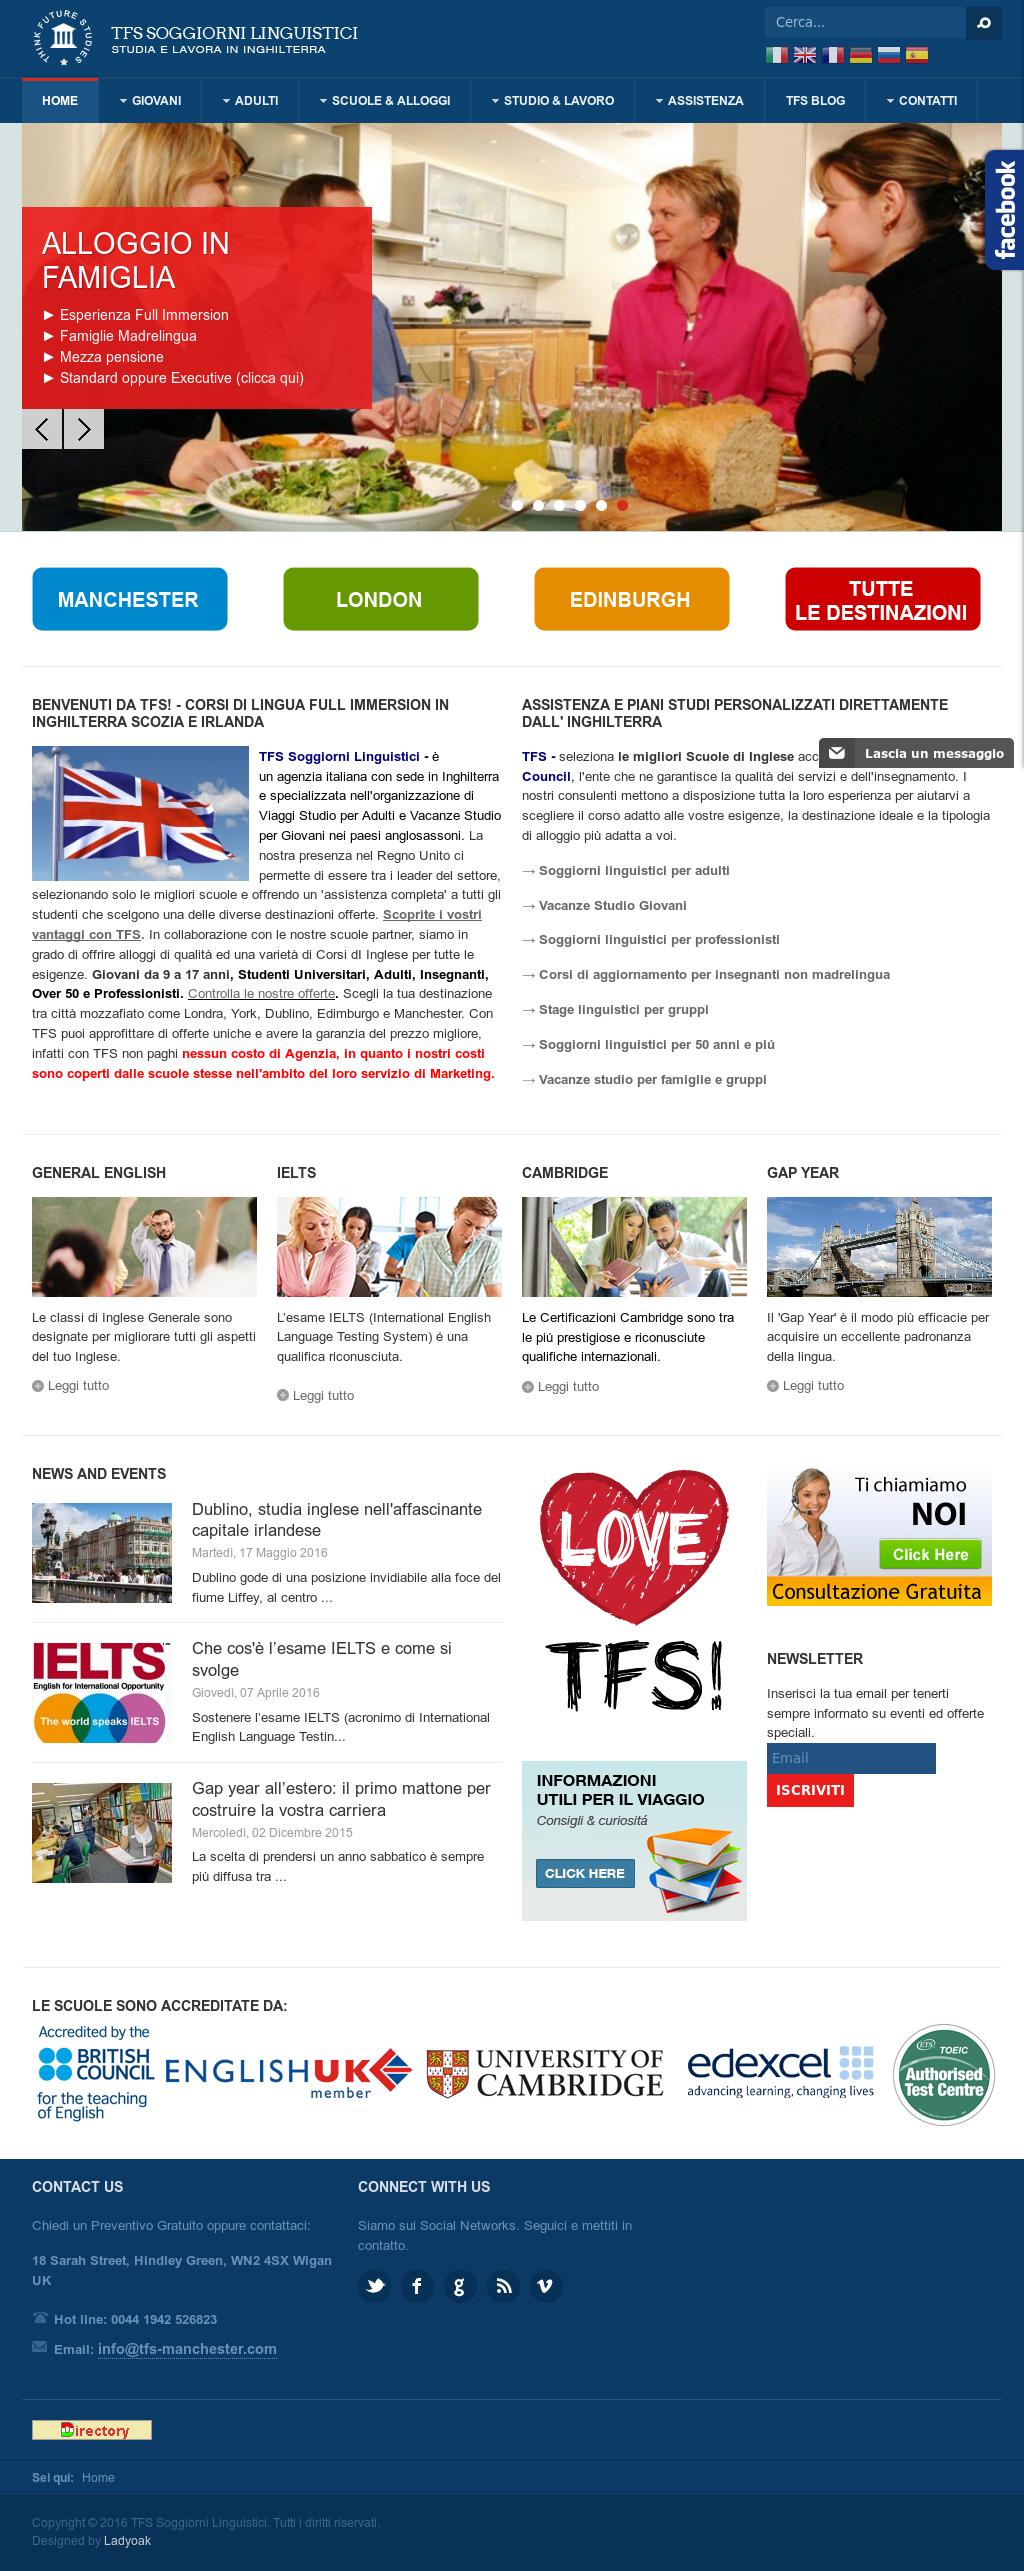 Tfs Soggiorni Linguistici Competitors, Revenue and Employees - Owler ...